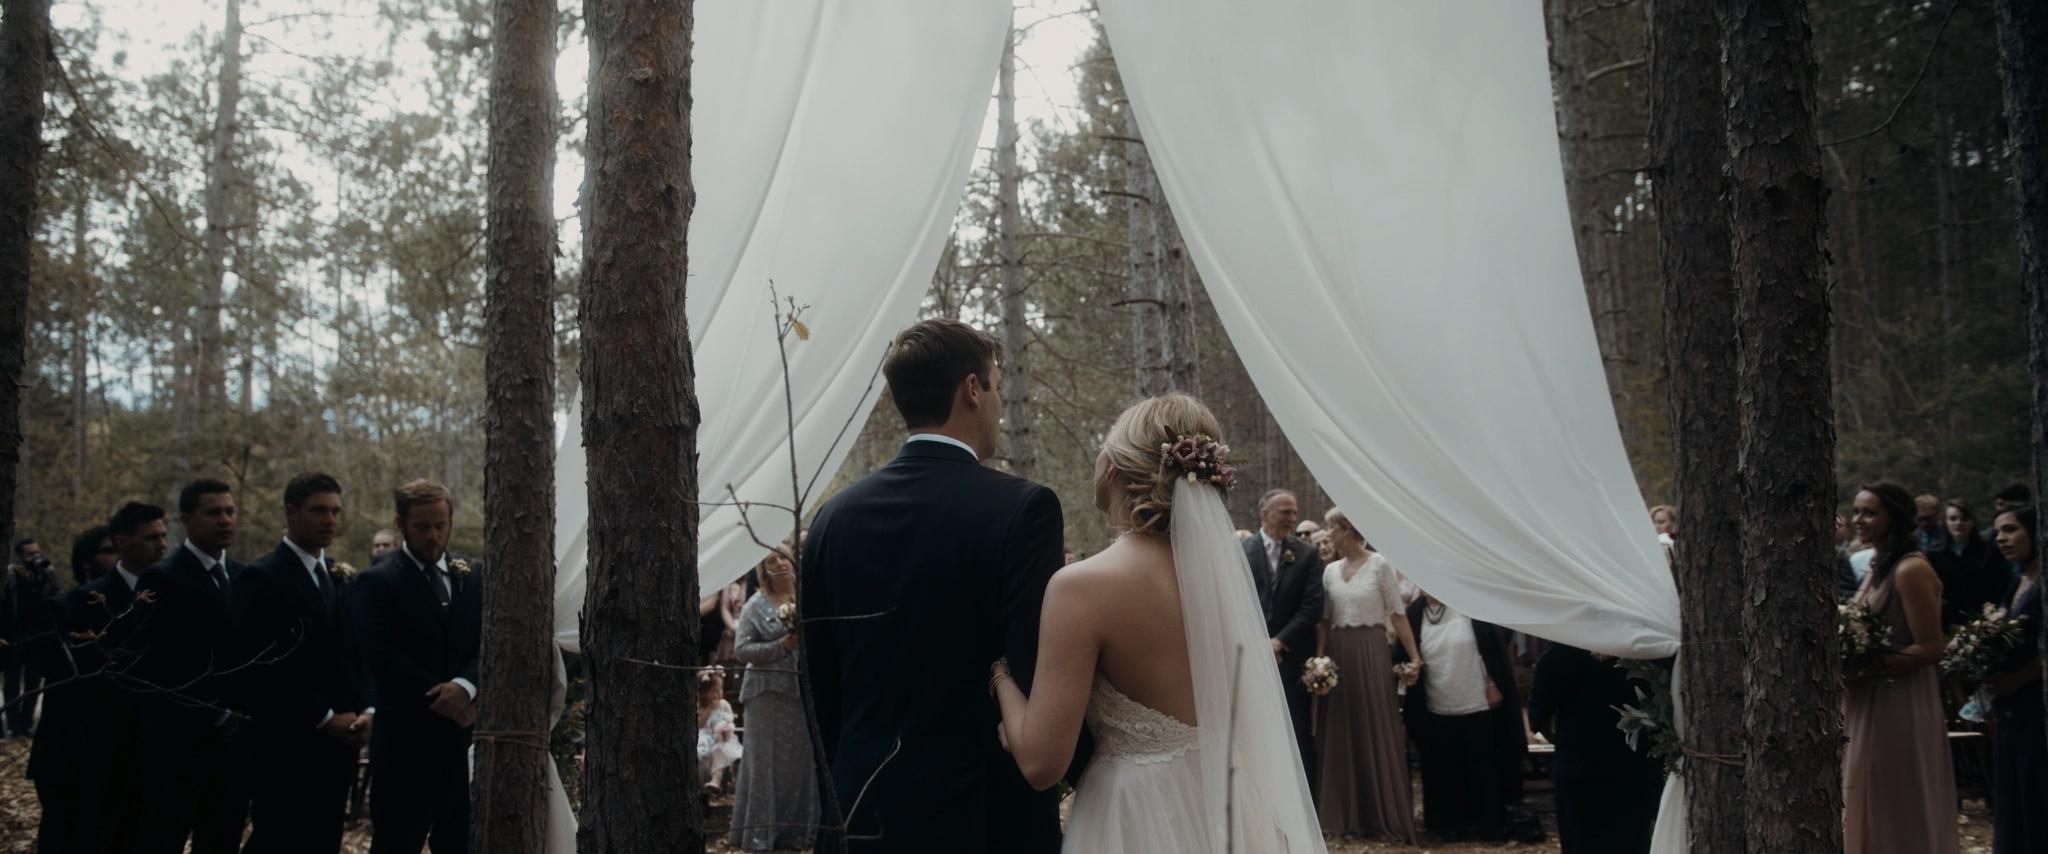 HAVENS_Wedding_Film.00_03_31_17.Still046.jpg